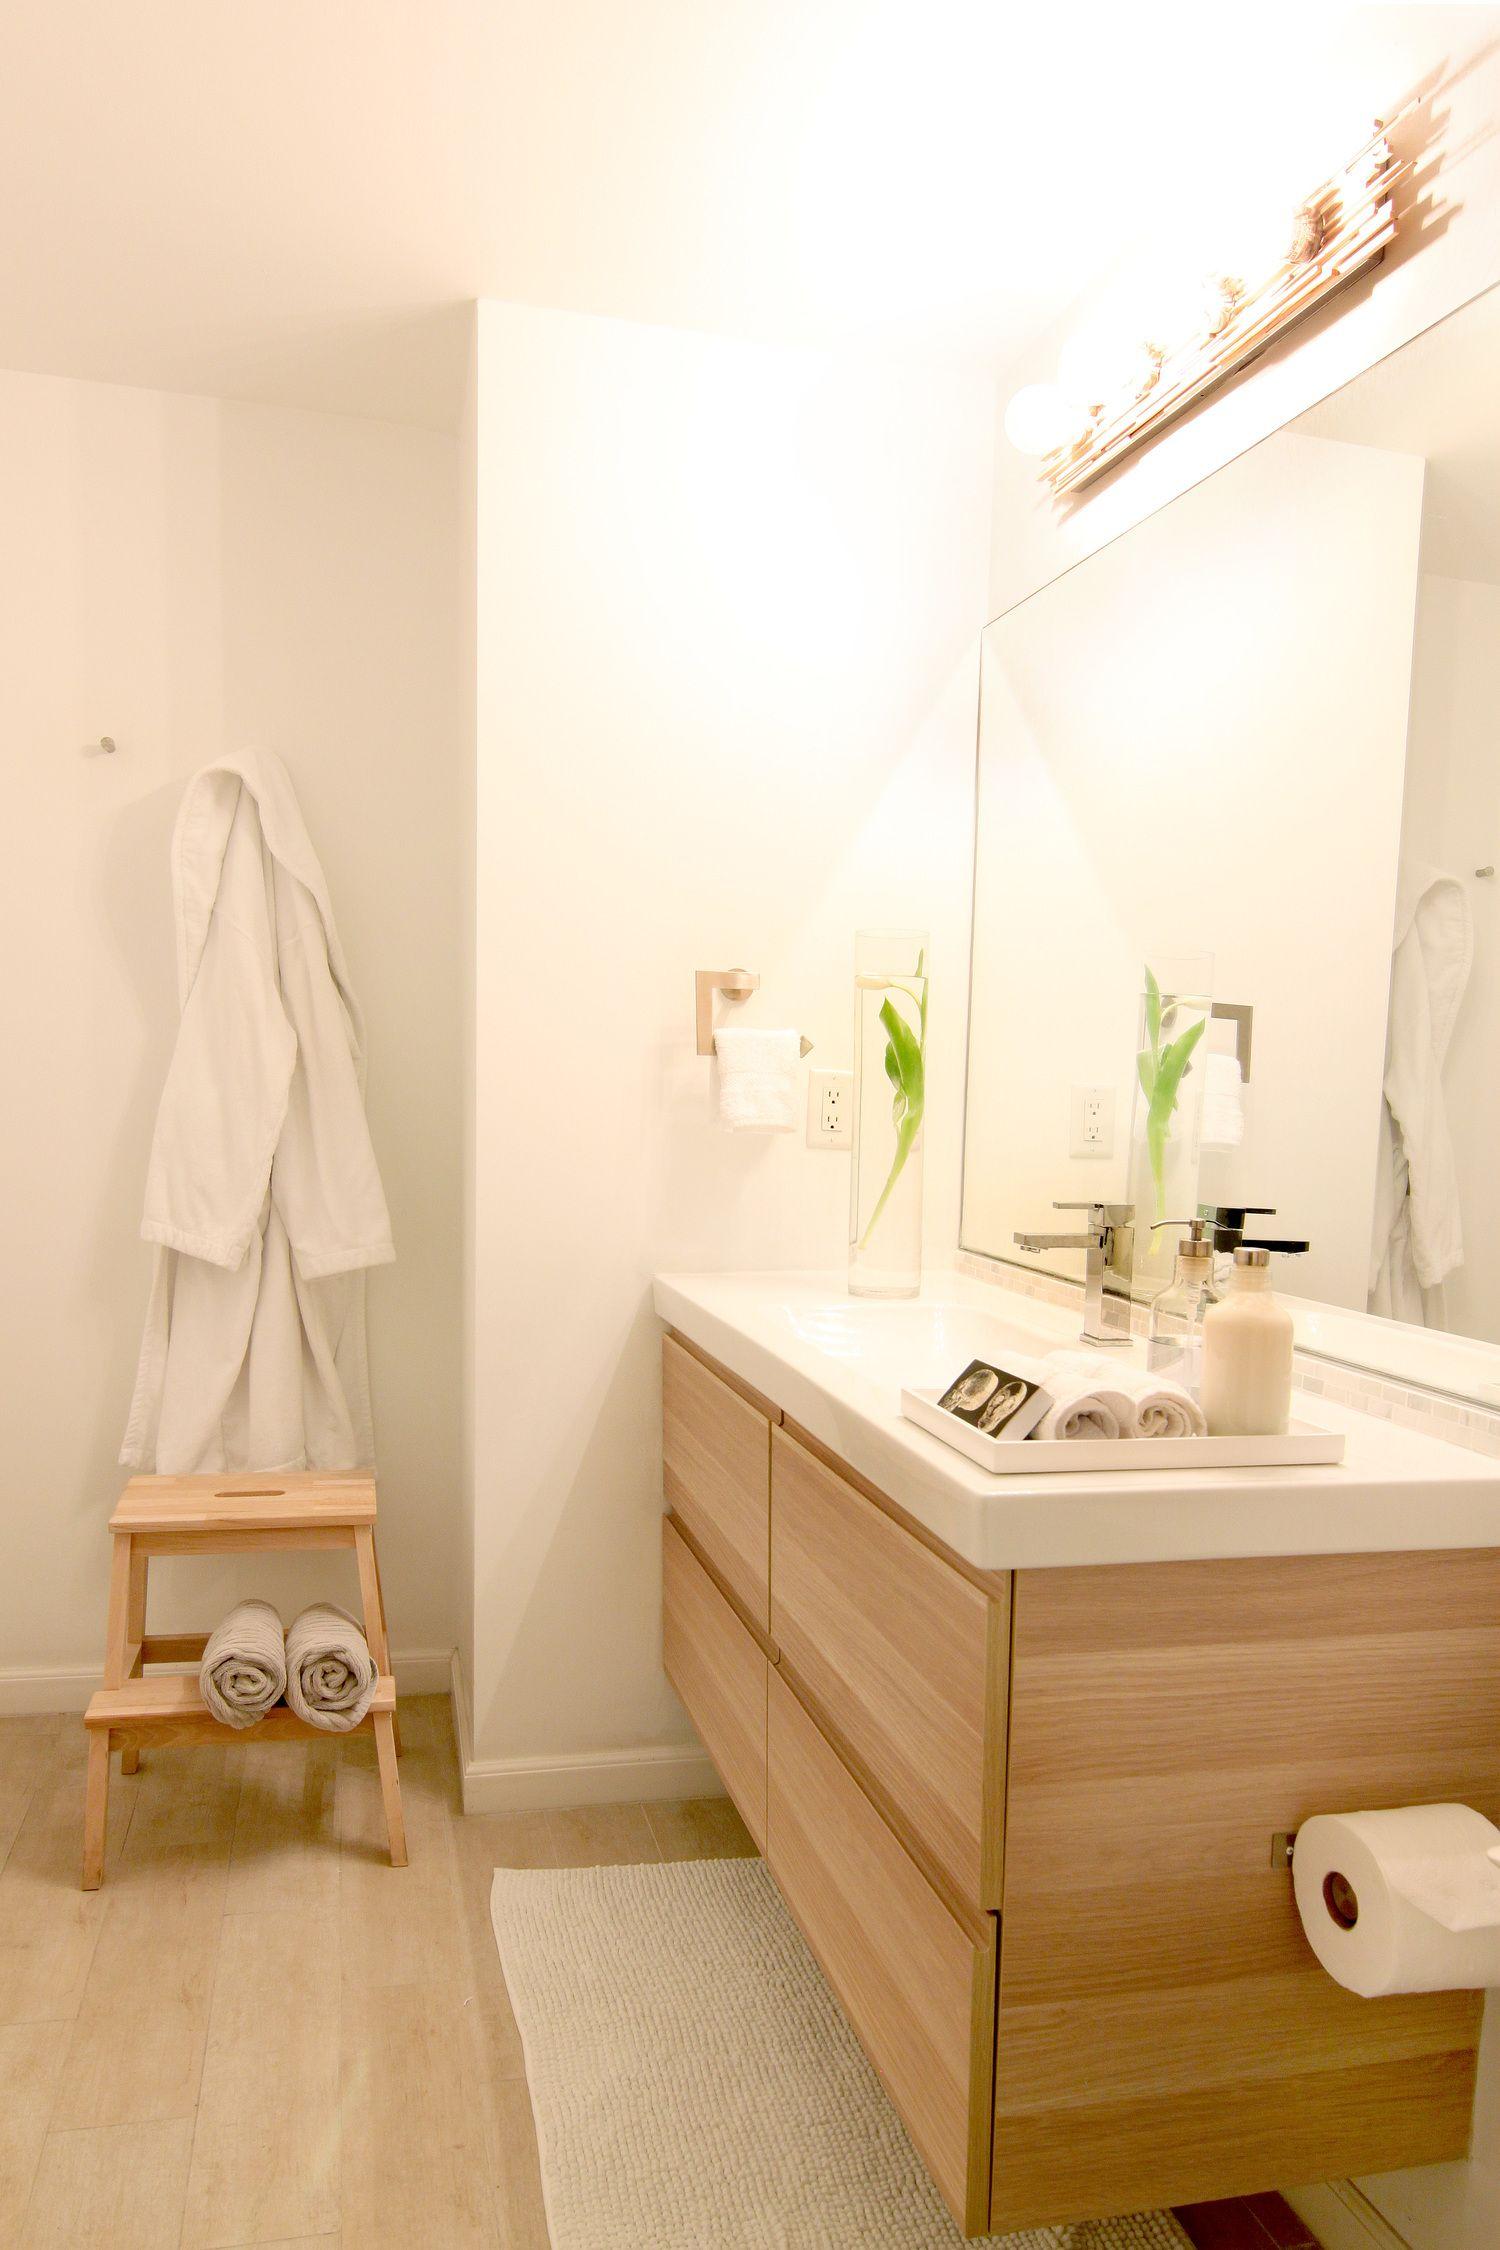 Badezimmer design natur inspiriert kerstin benders kerstinbenders on pinterest